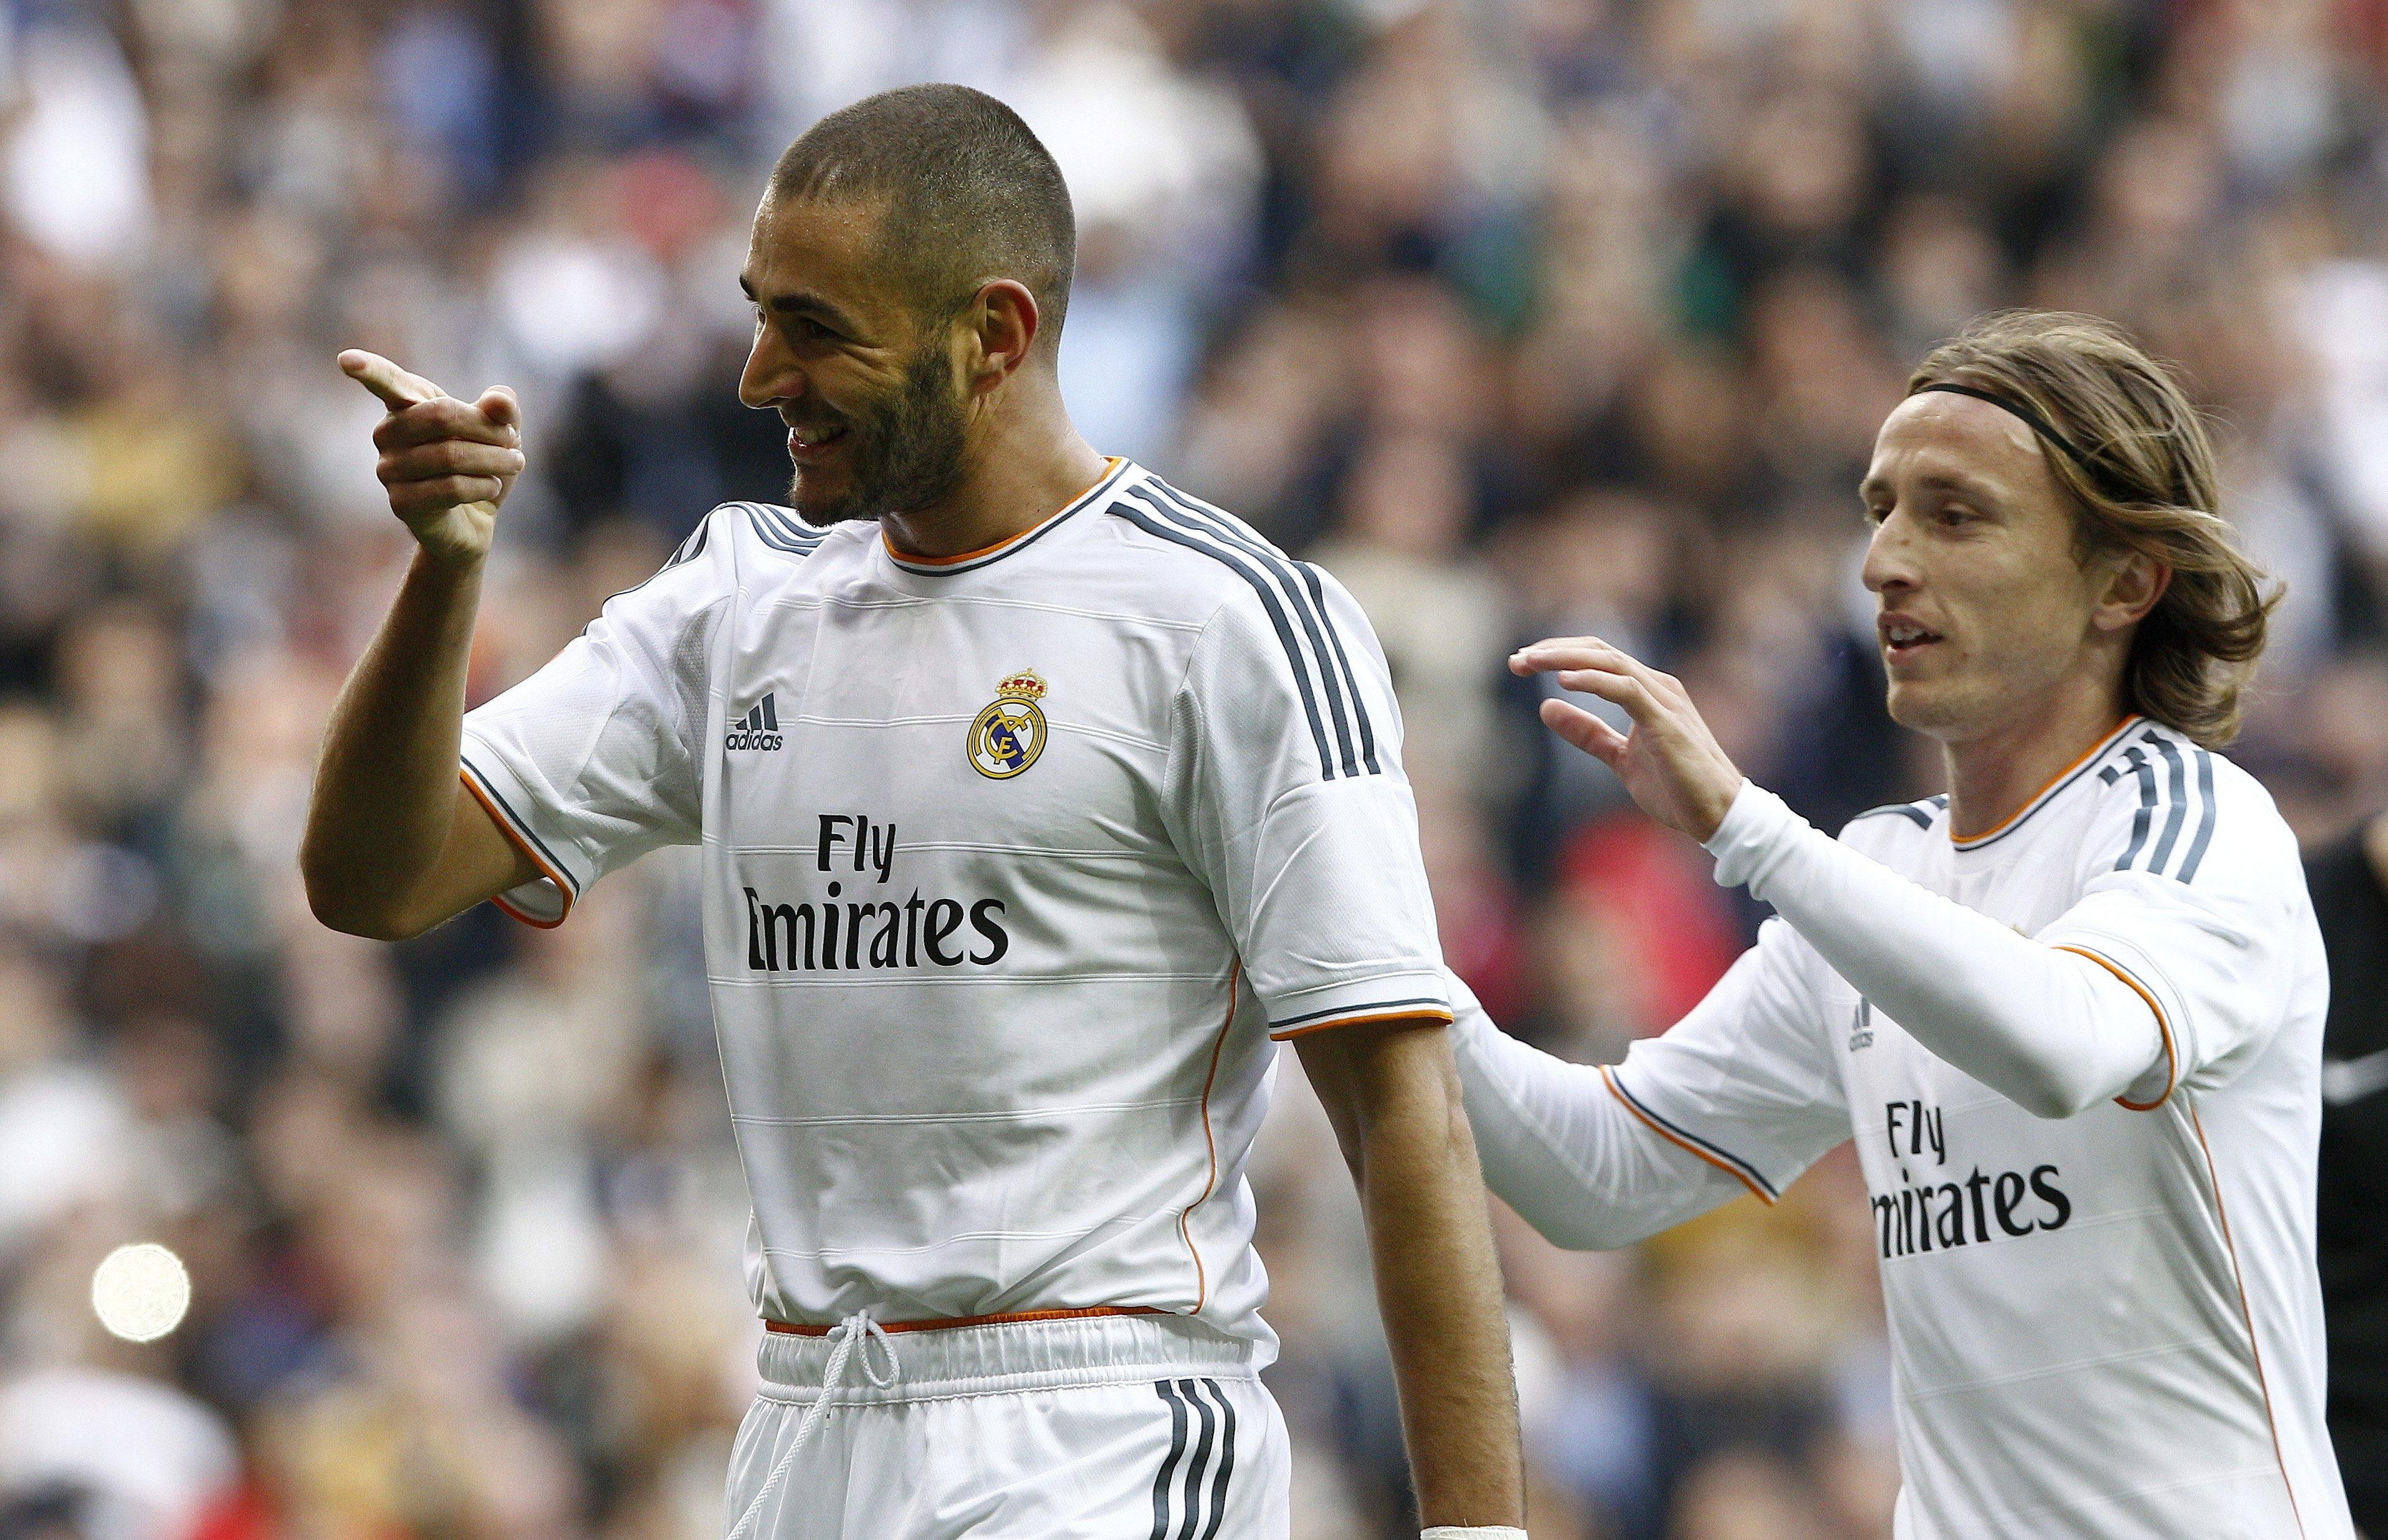 Benzema tiene el objetivo de superar su mejor marca goleadora: 32 goles